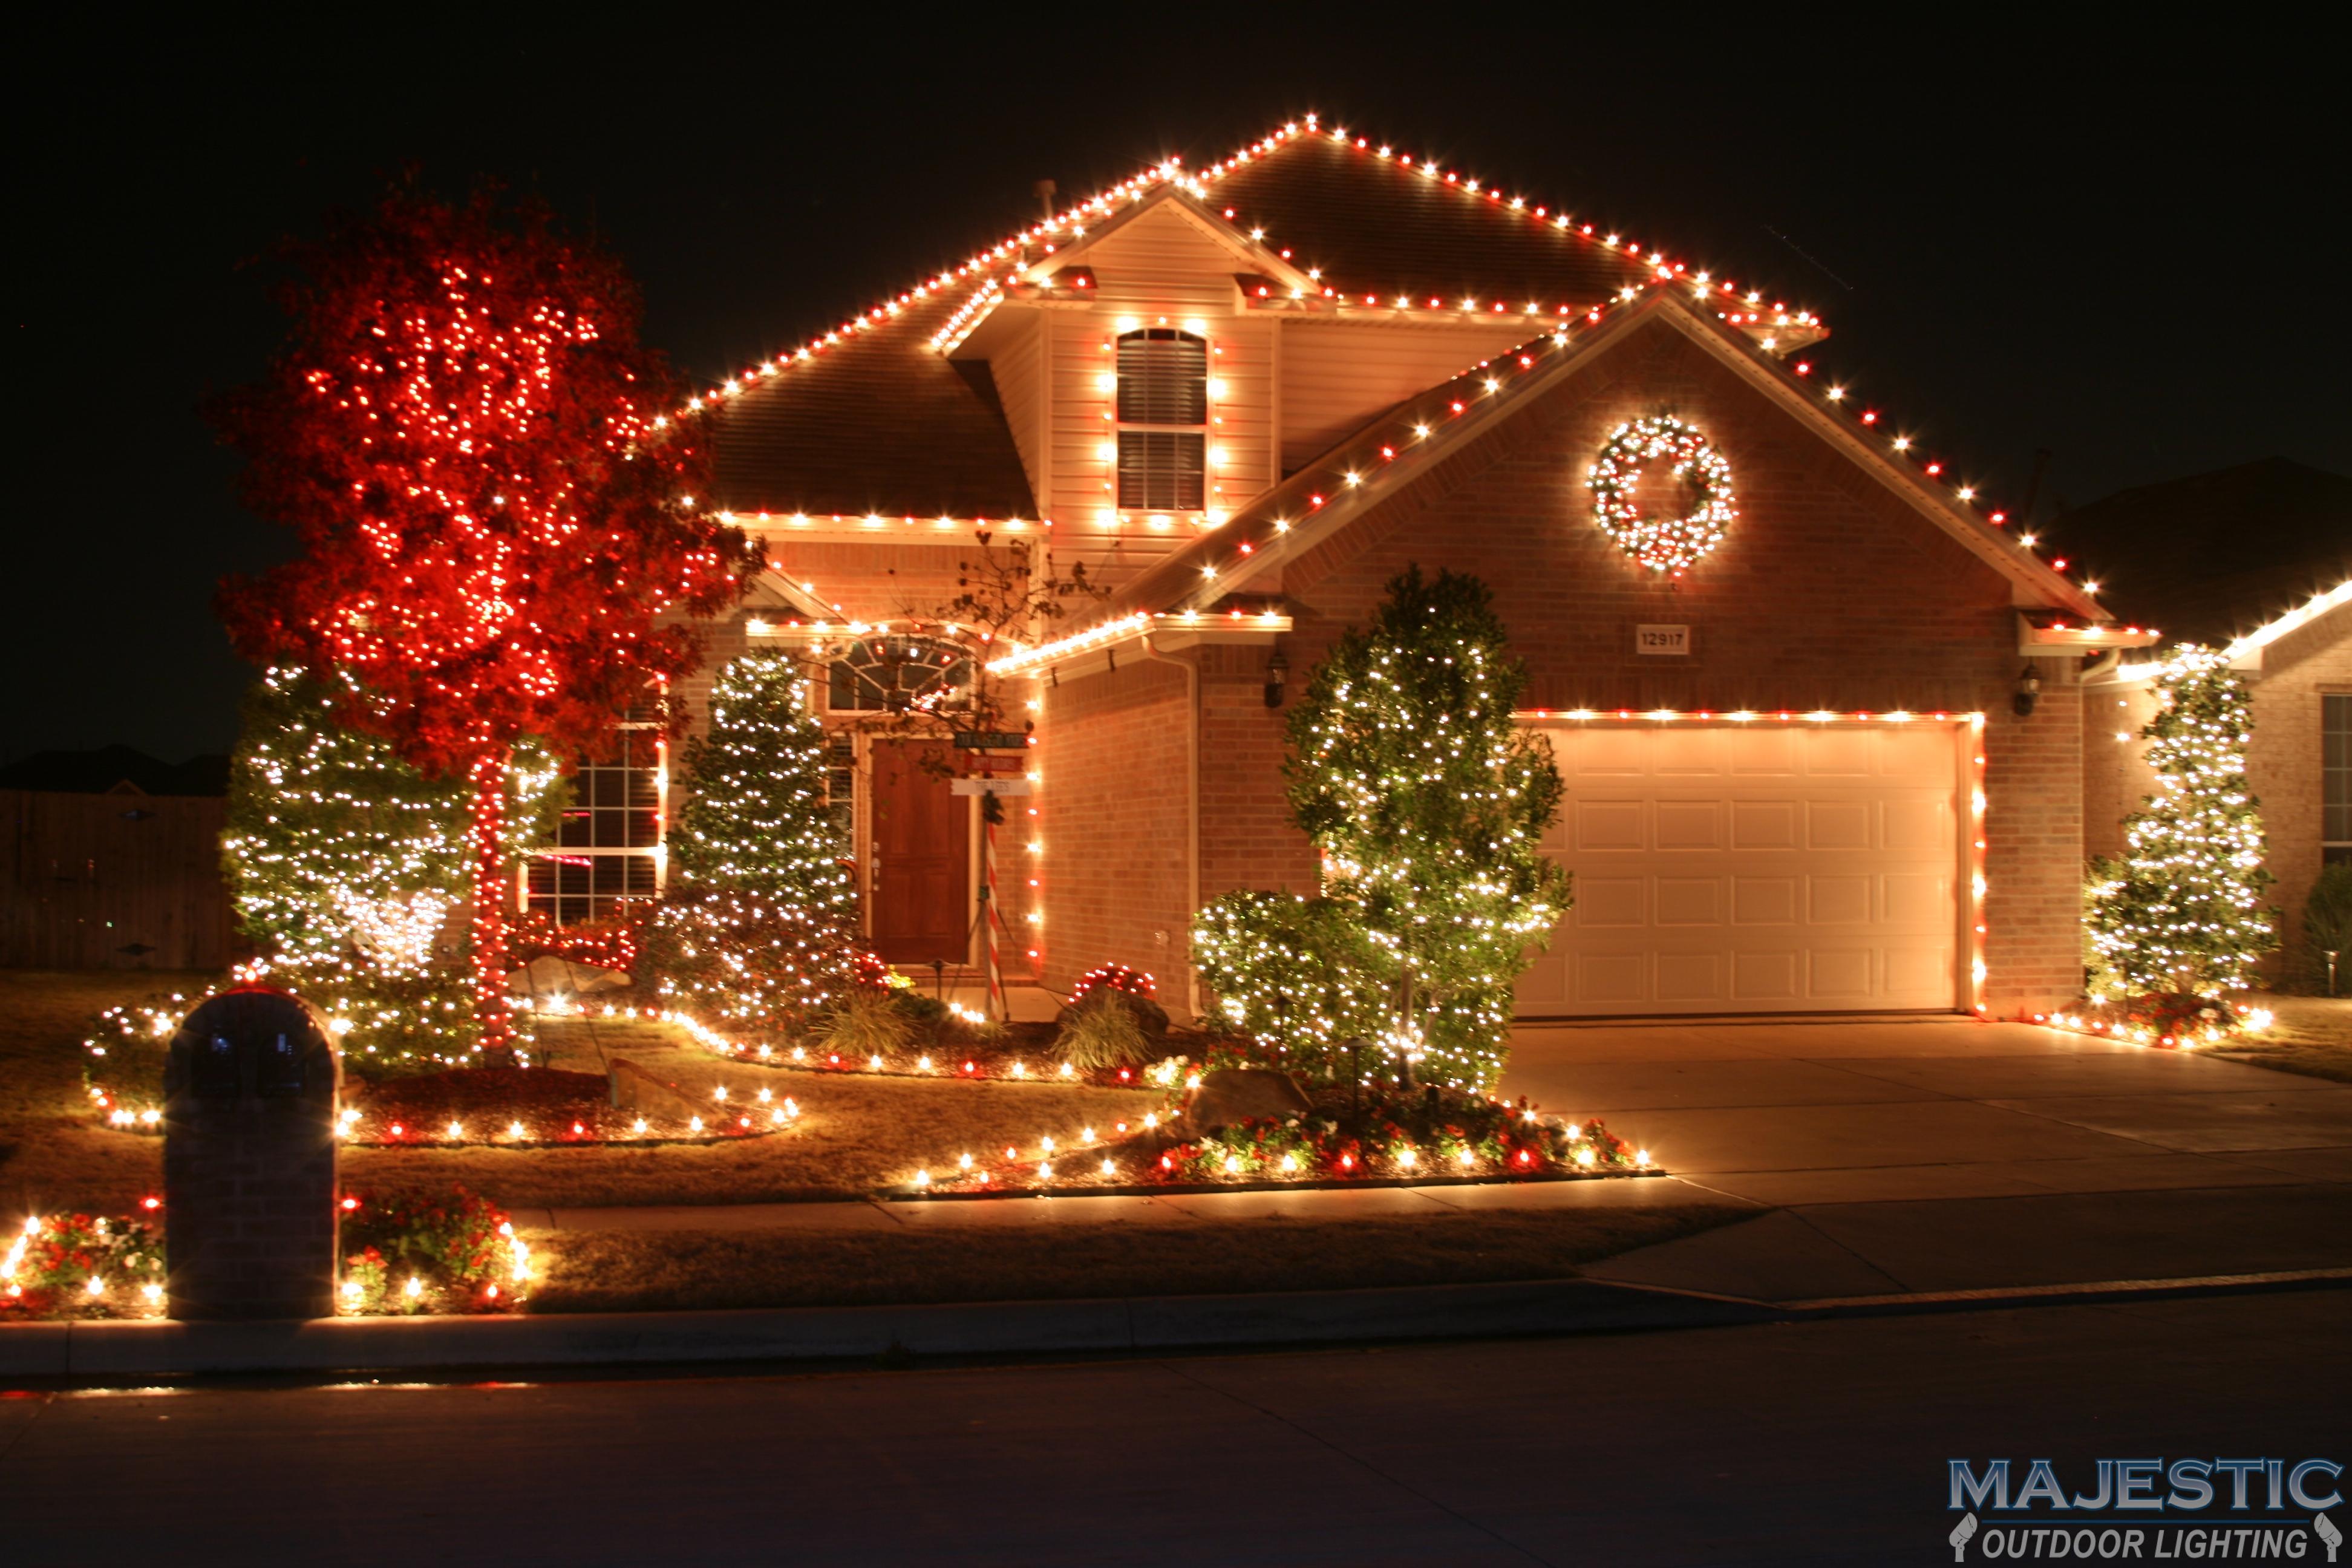 Landscape lighting arlington tx : The christmas lights of interlochen arlington having fun